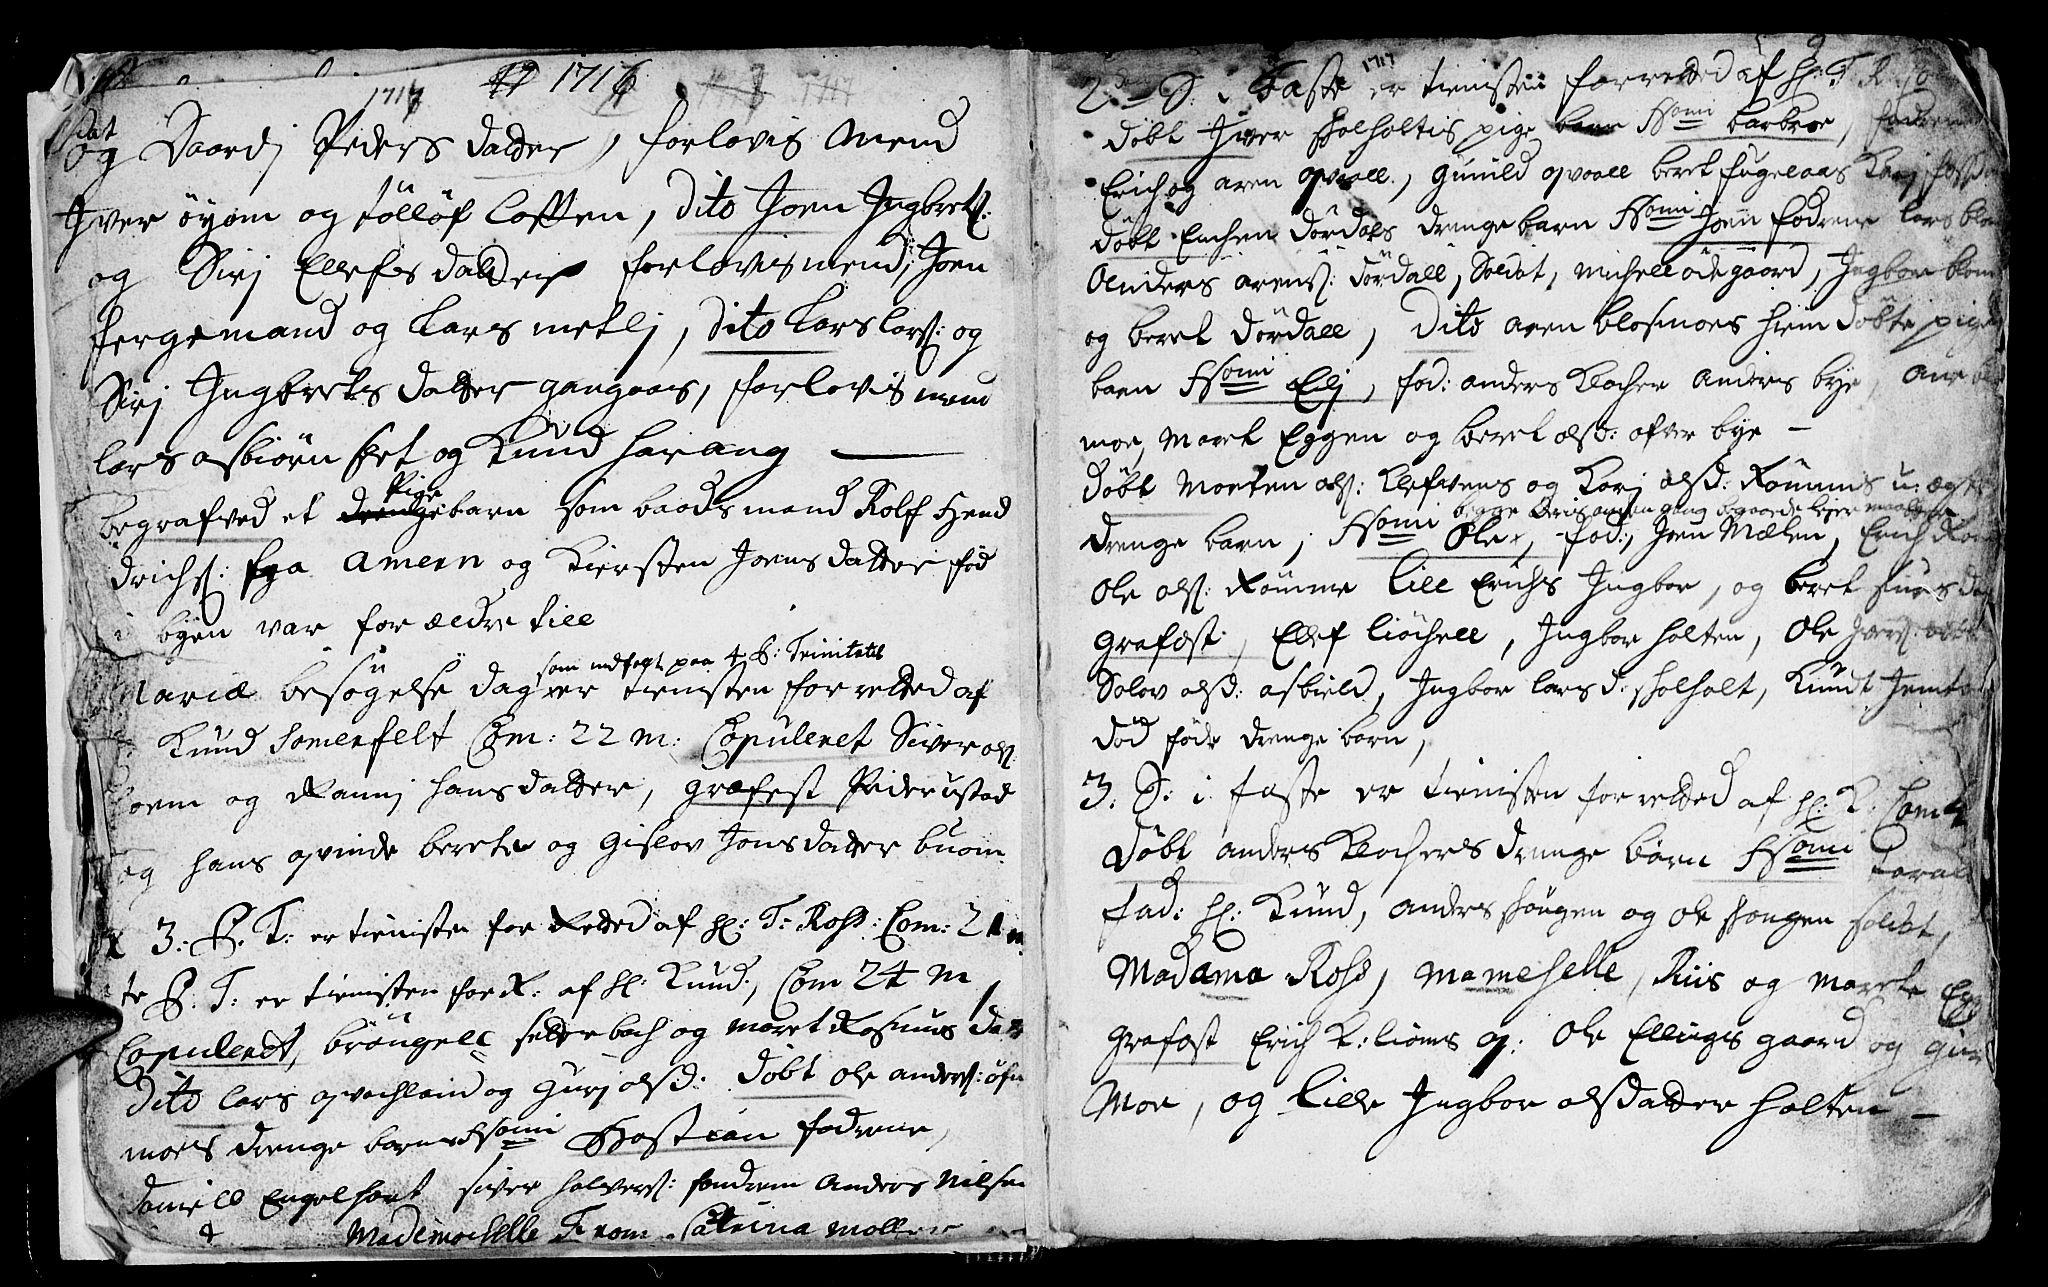 SAT, Ministerialprotokoller, klokkerbøker og fødselsregistre - Sør-Trøndelag, 668/L0812: Klokkerbok nr. 668C01, 1715-1742, s. 9